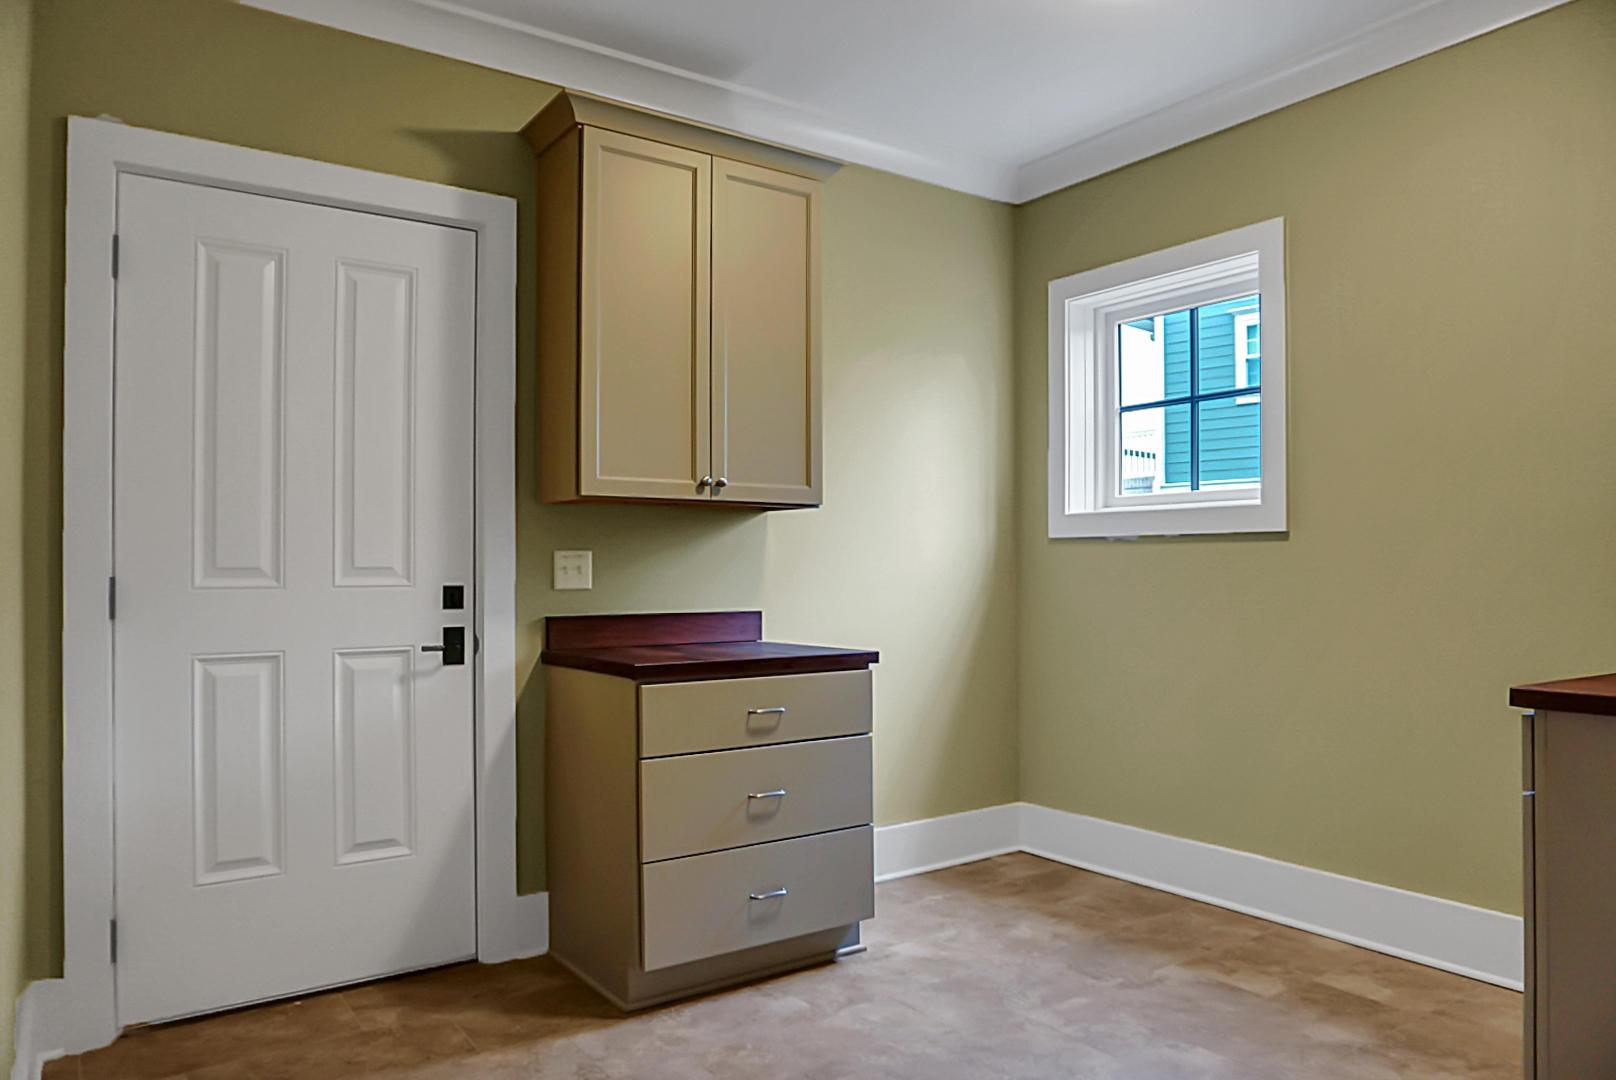 Dunes West Homes For Sale - 2978 River Vista, Mount Pleasant, SC - 57